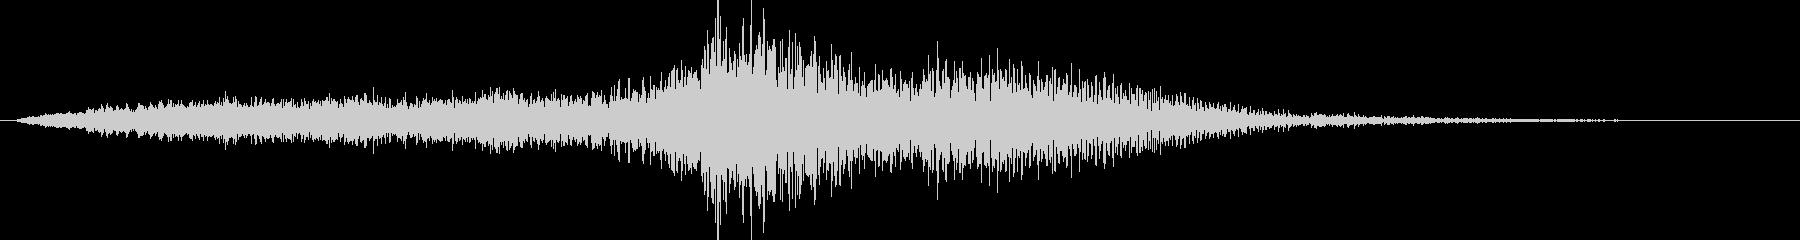 音楽ロゴ;弦楽器による劇的なオーケ...の未再生の波形